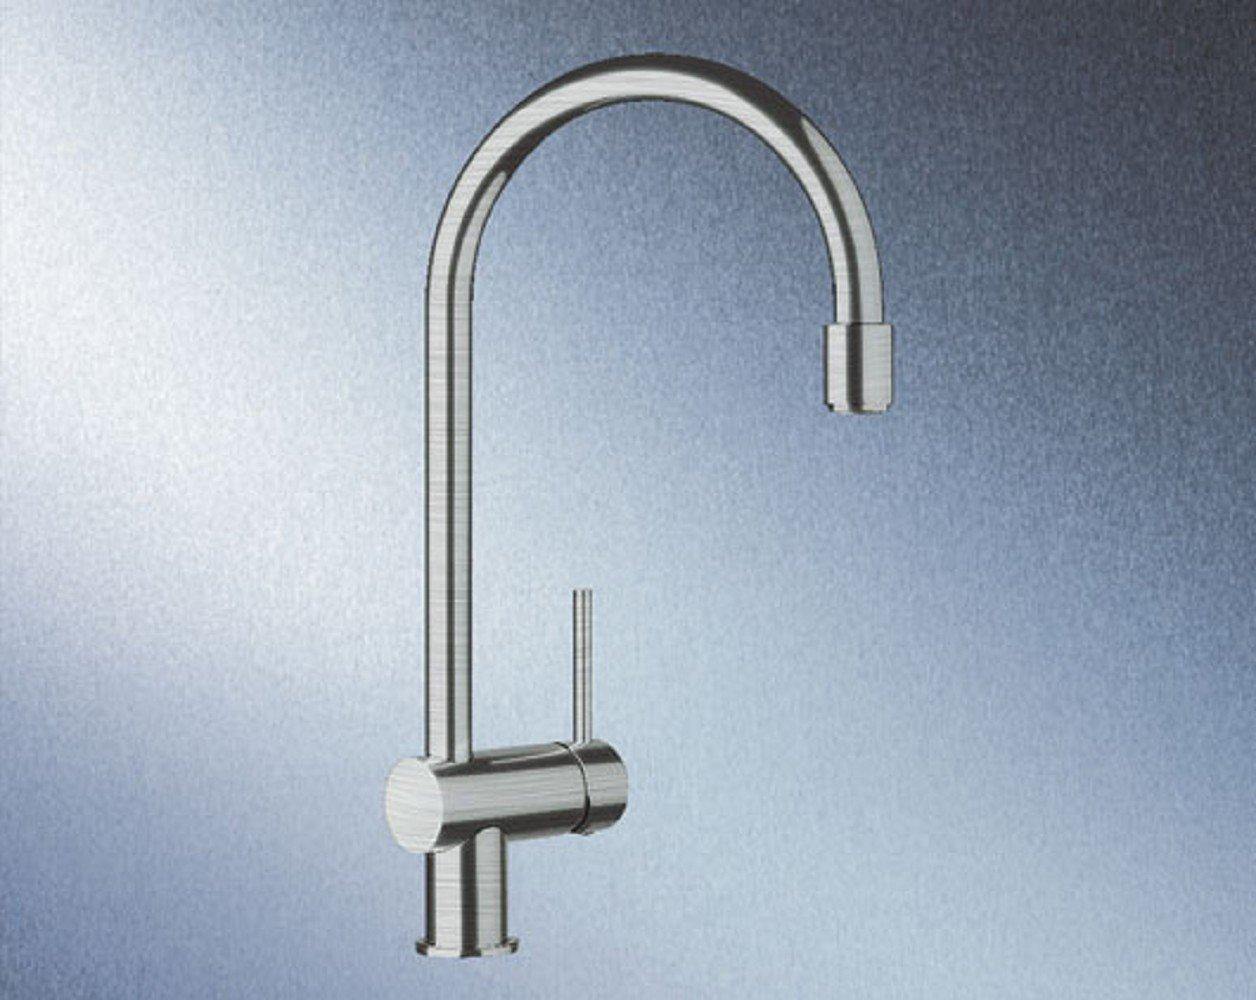 Blanco FiloS Edelstahl Küchenarmatur Hochdruck Wasserhahn Spüle Mischbatterie  BaumarktKundenbewertung und weitere Informationen